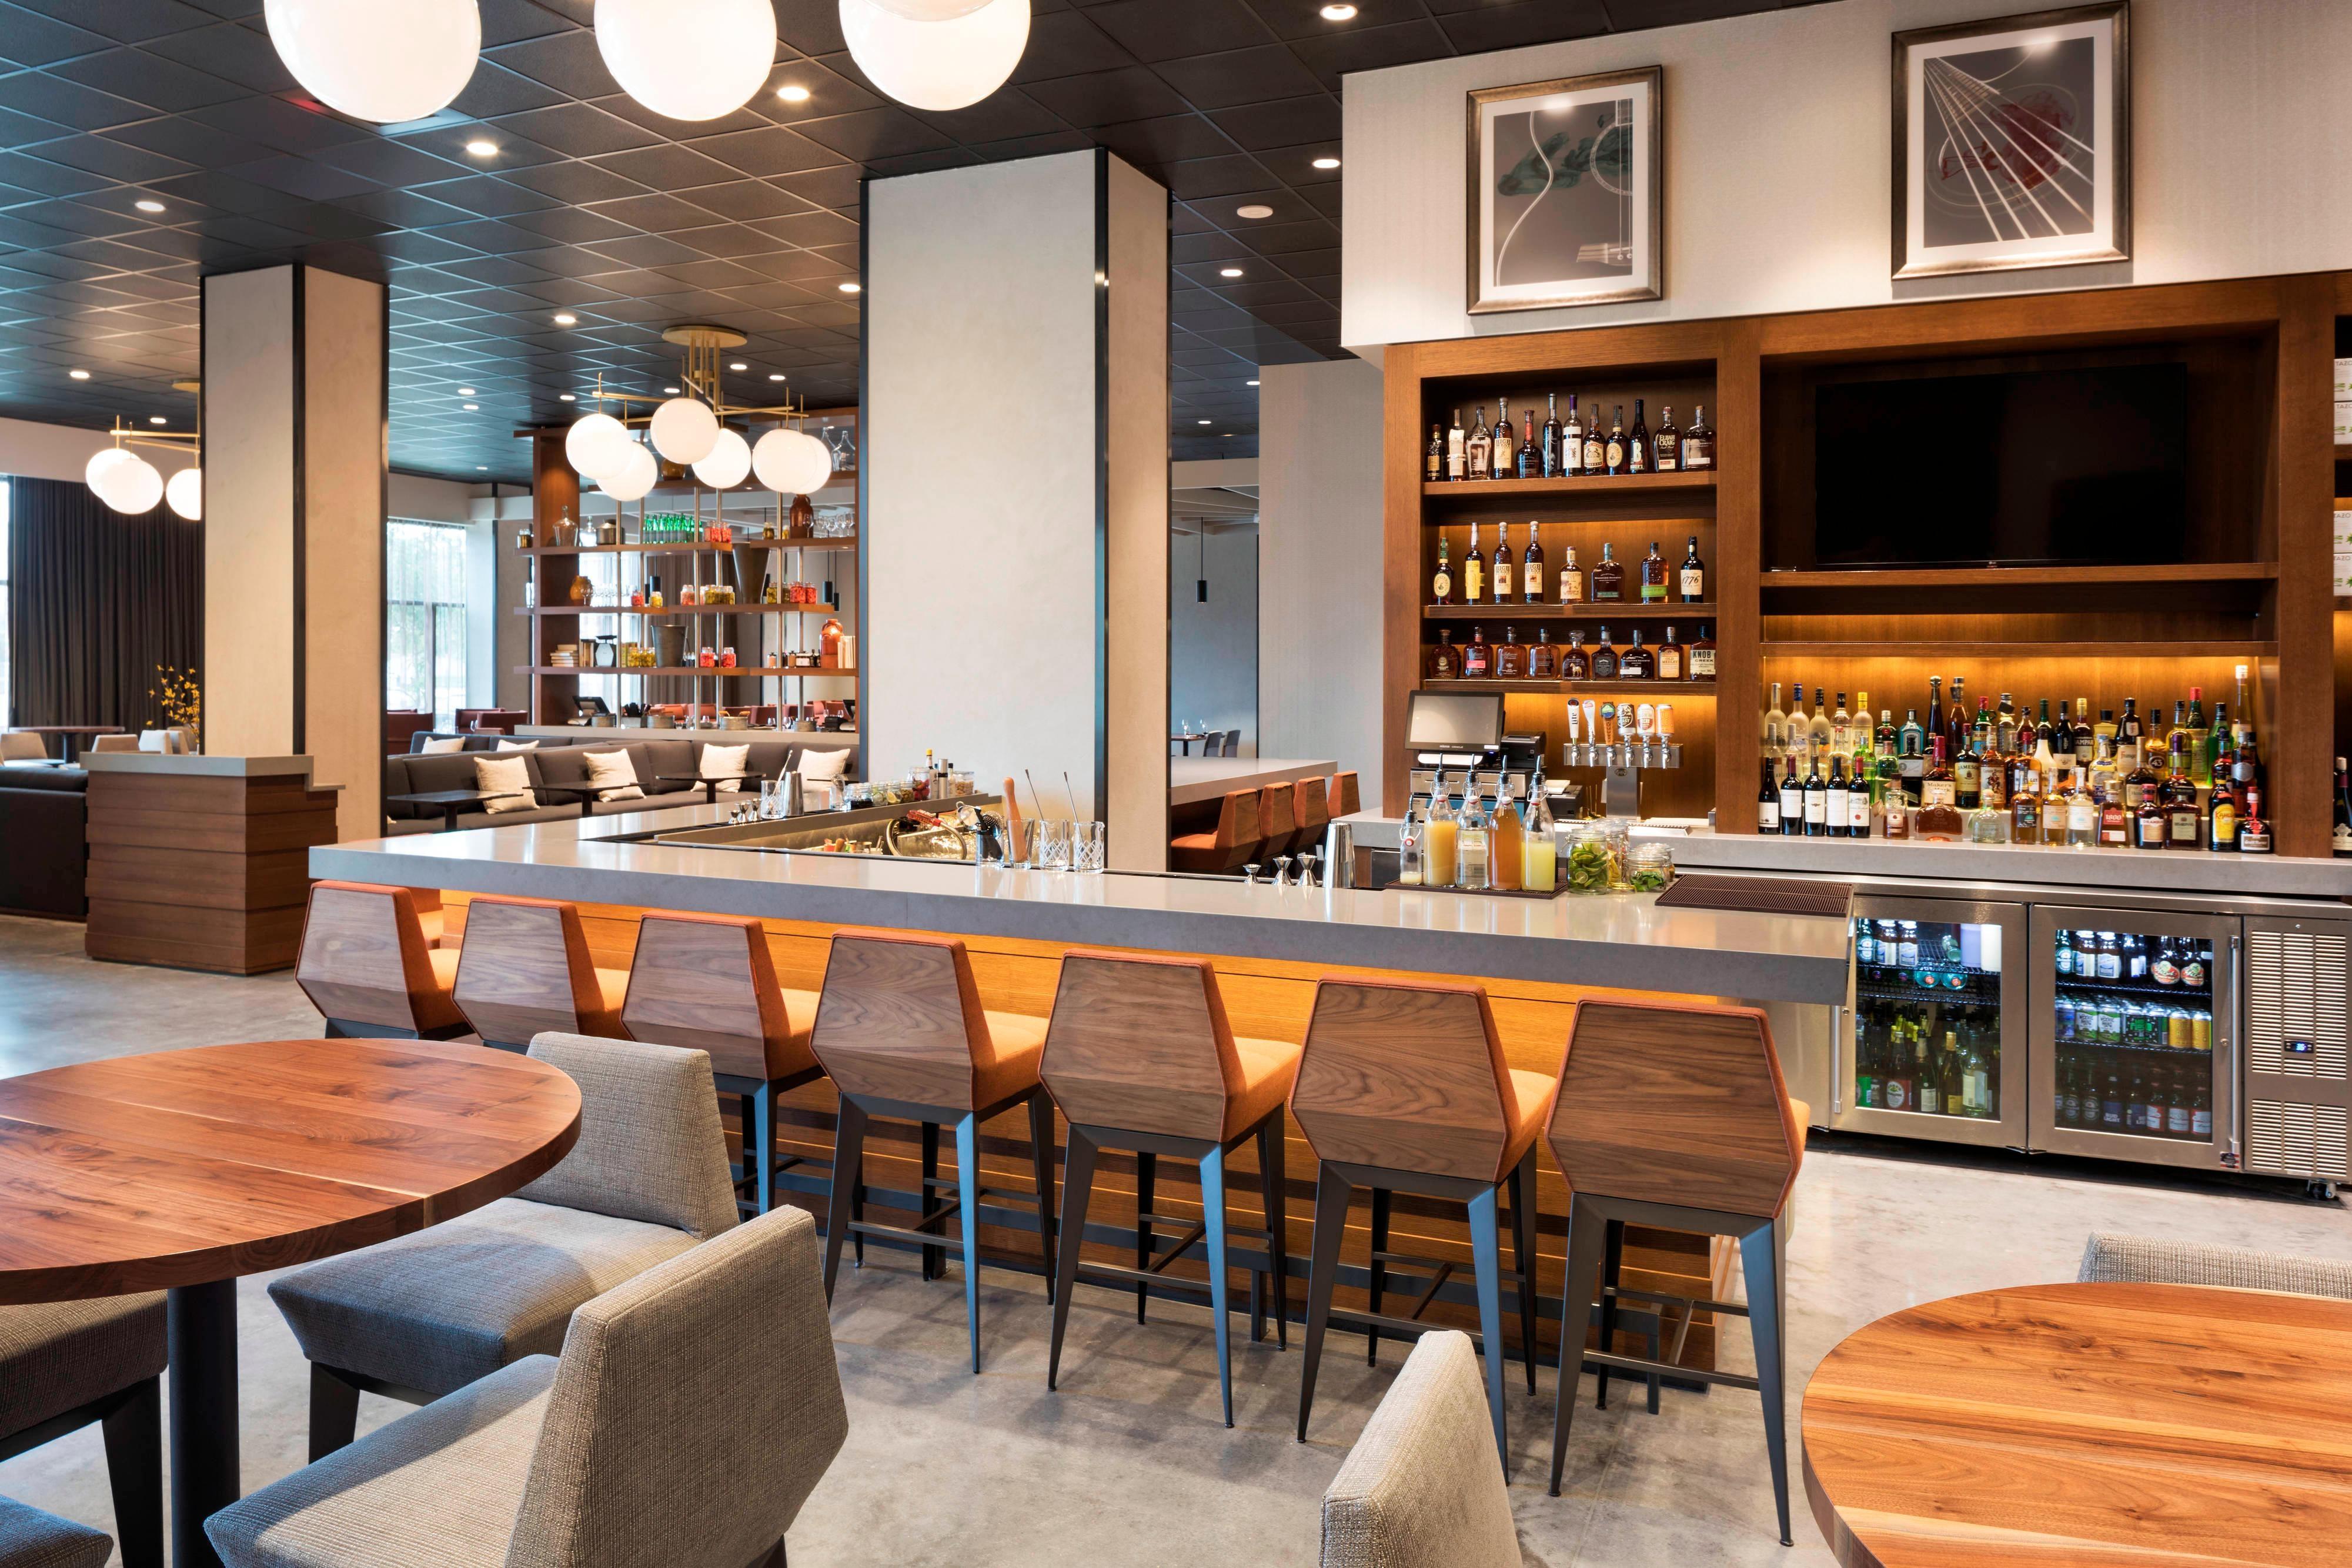 Estelle Wine Bar & Bistro